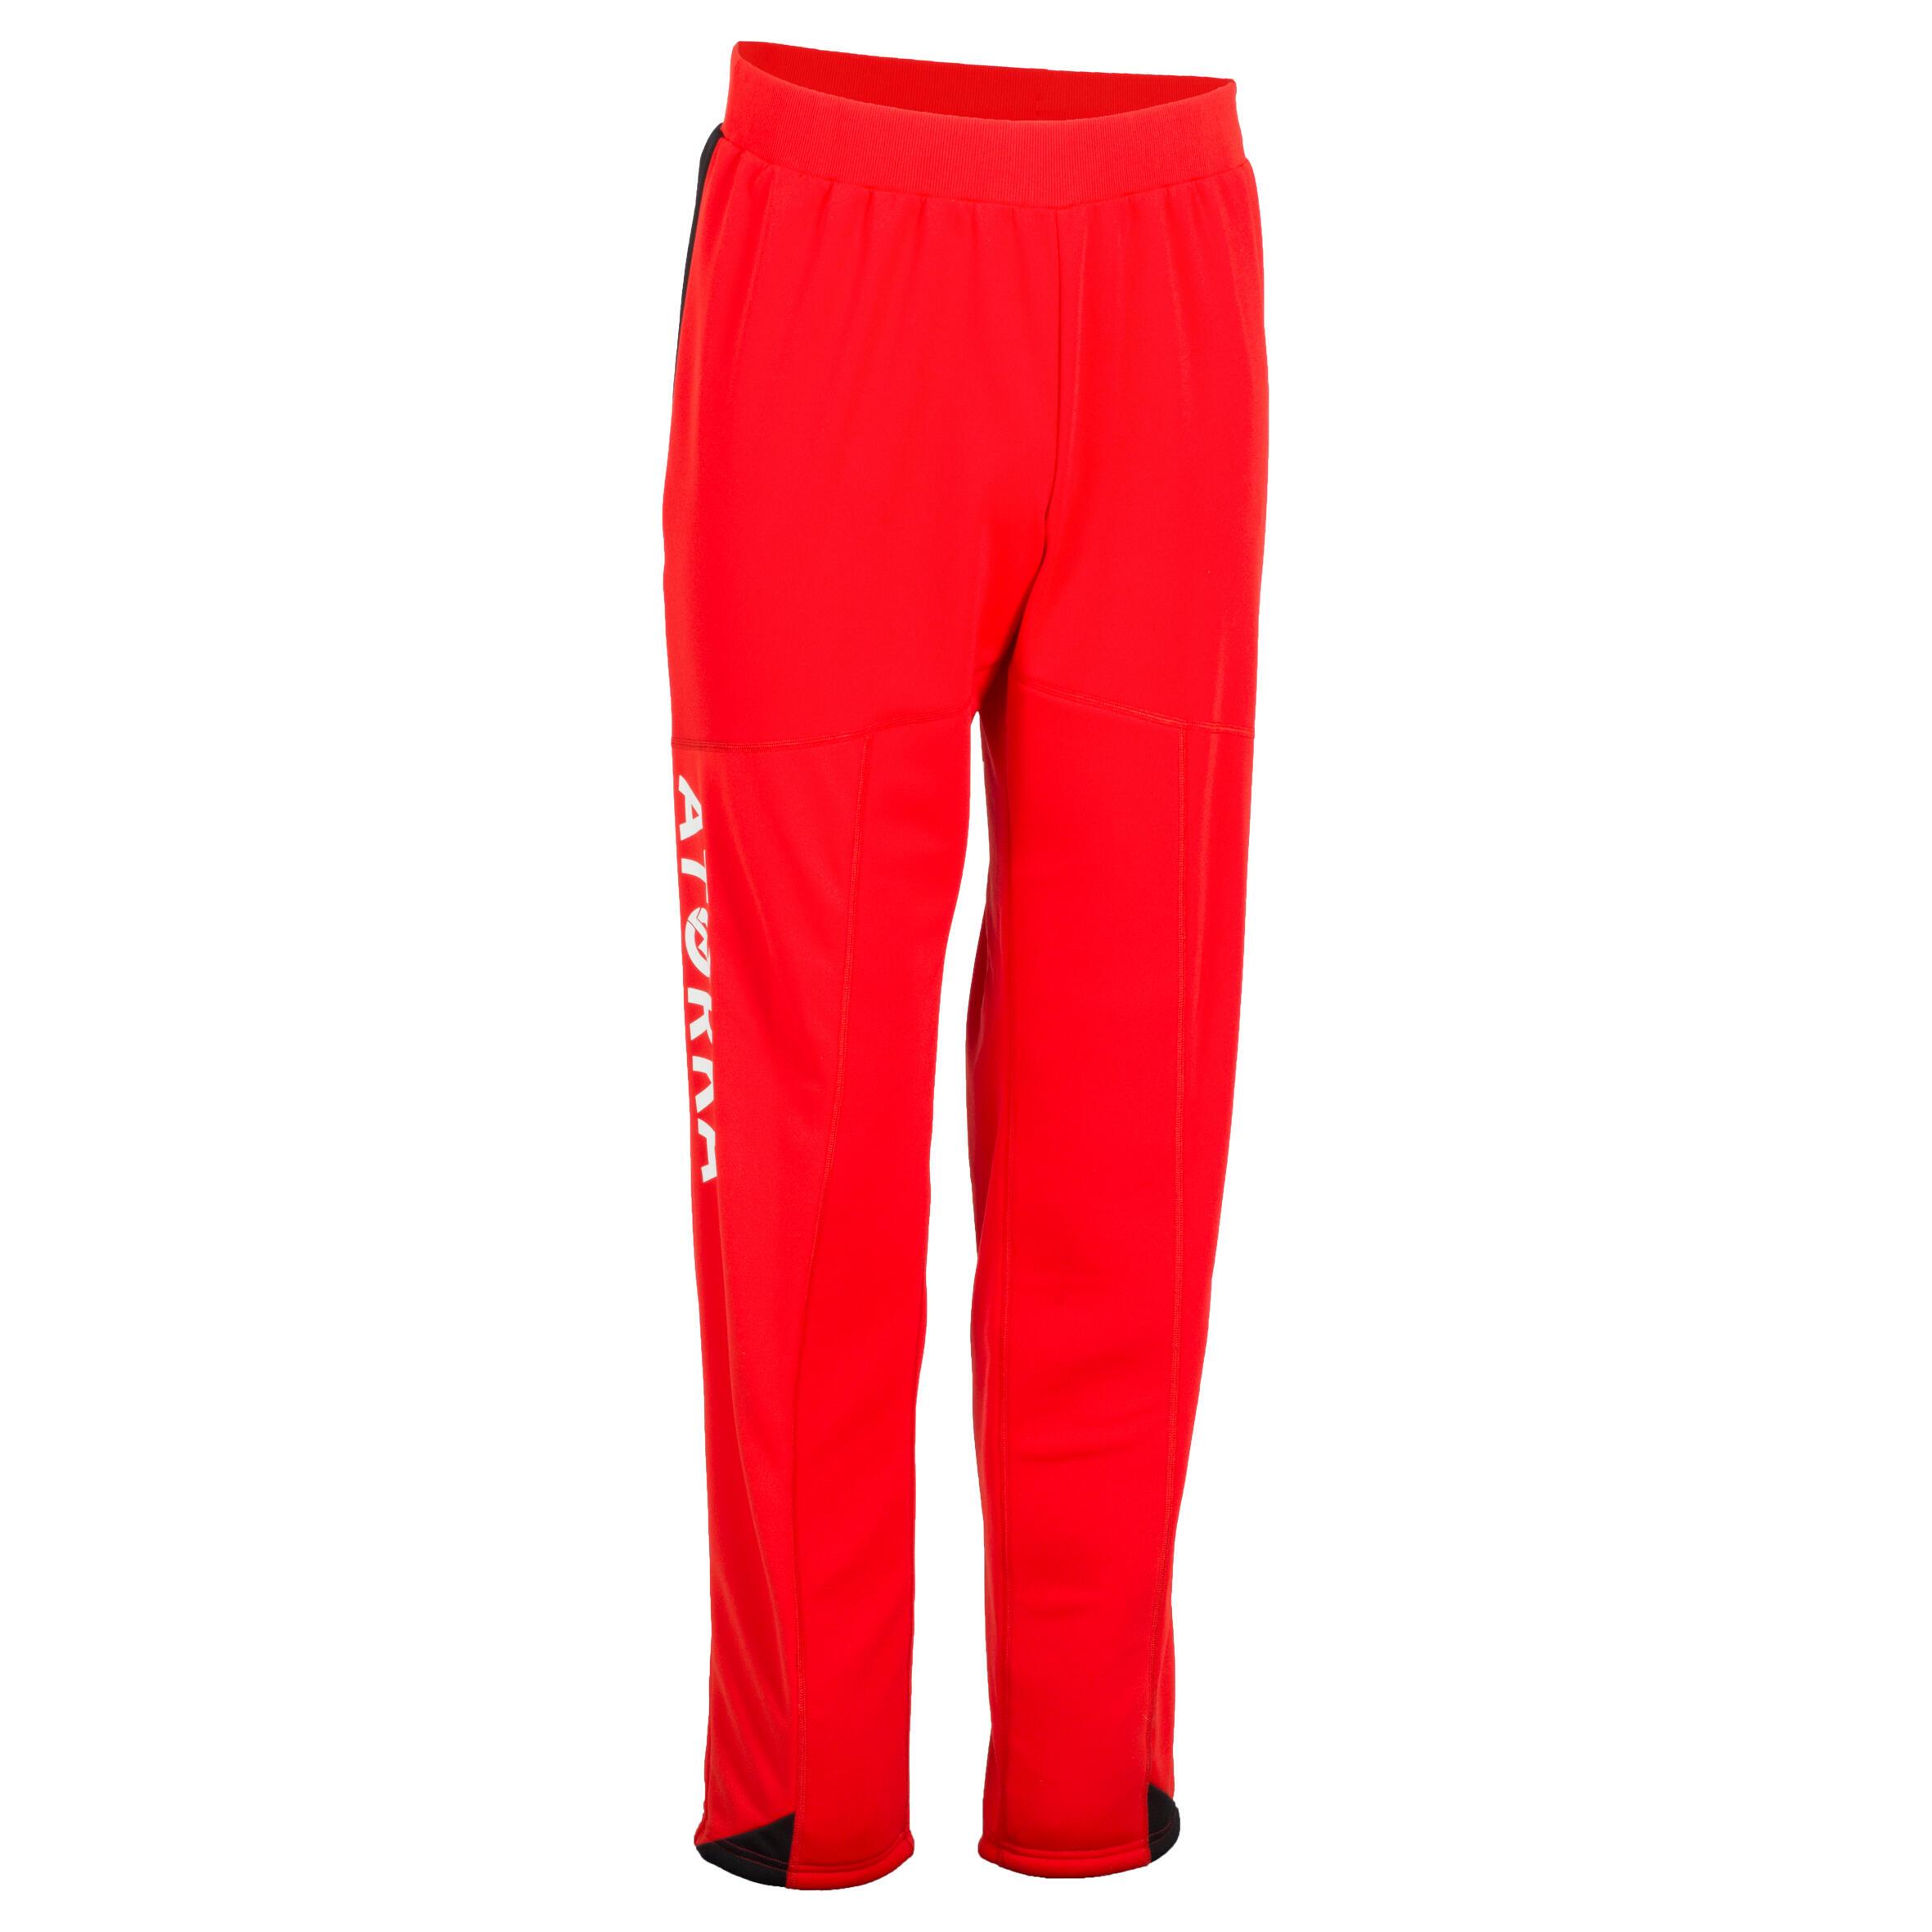 Damen,Herren Handball Torwarthose H500 rot schwarz   03583788171126